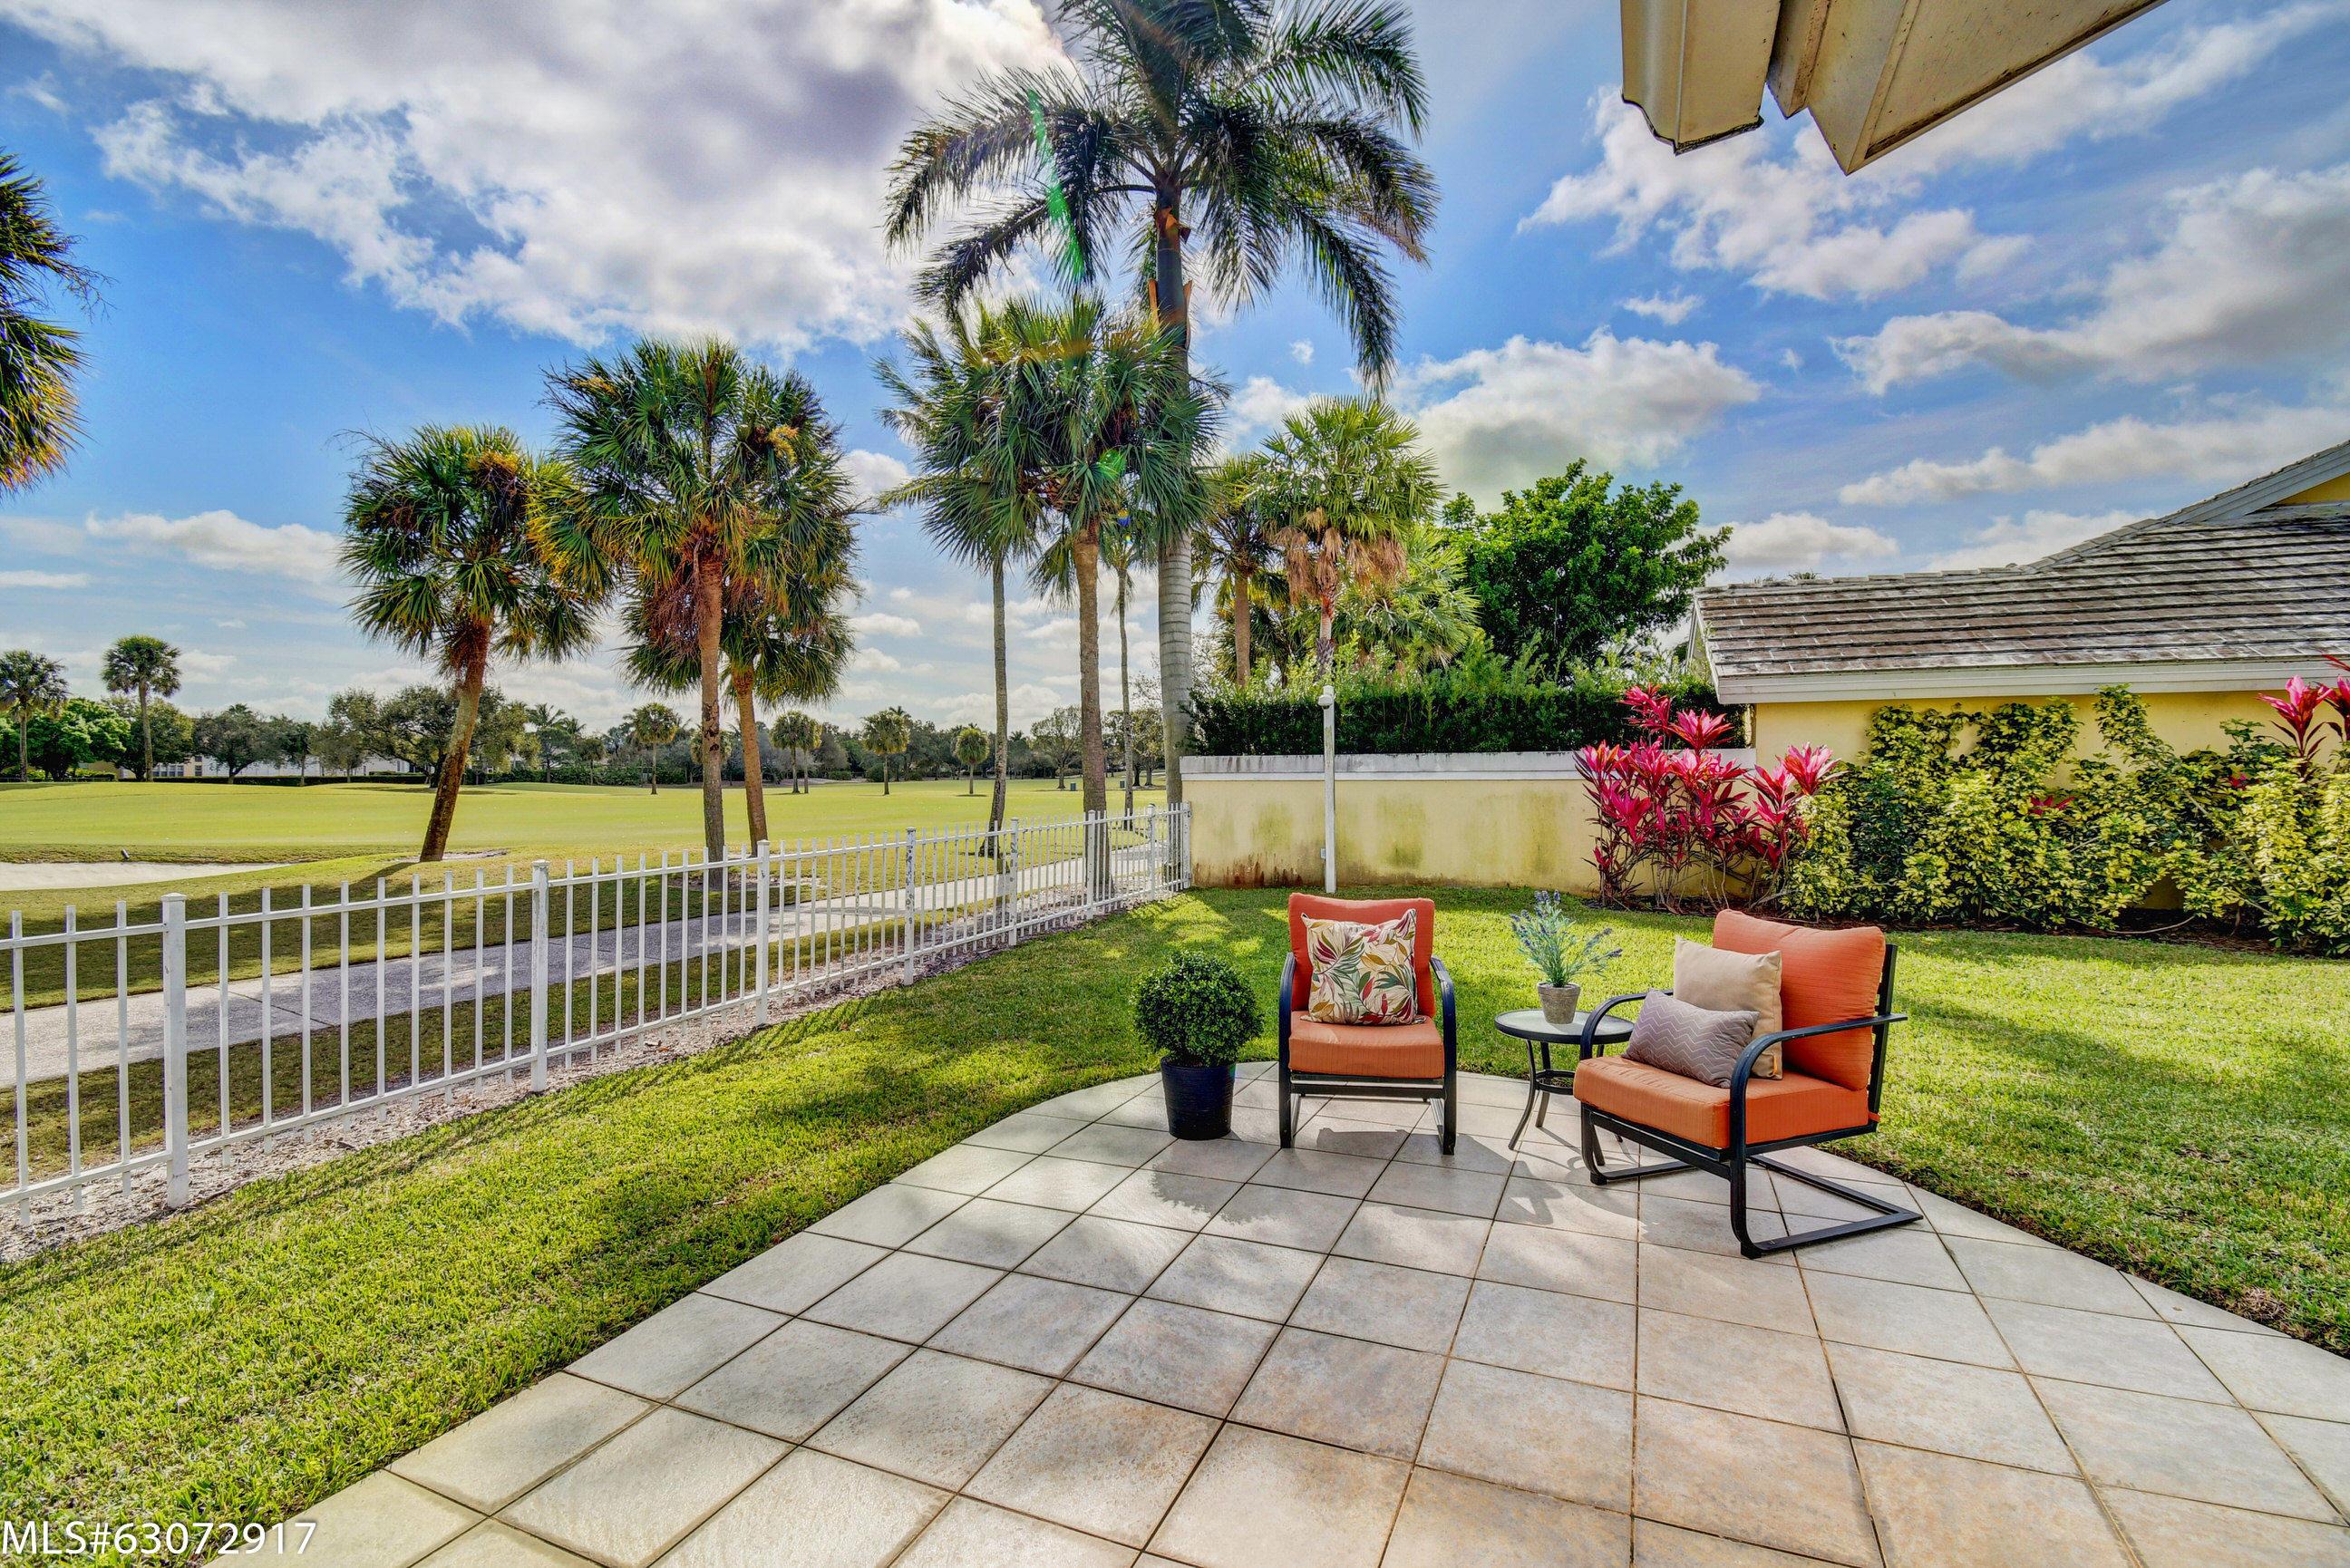 Florida Indoor/Outdoor Living